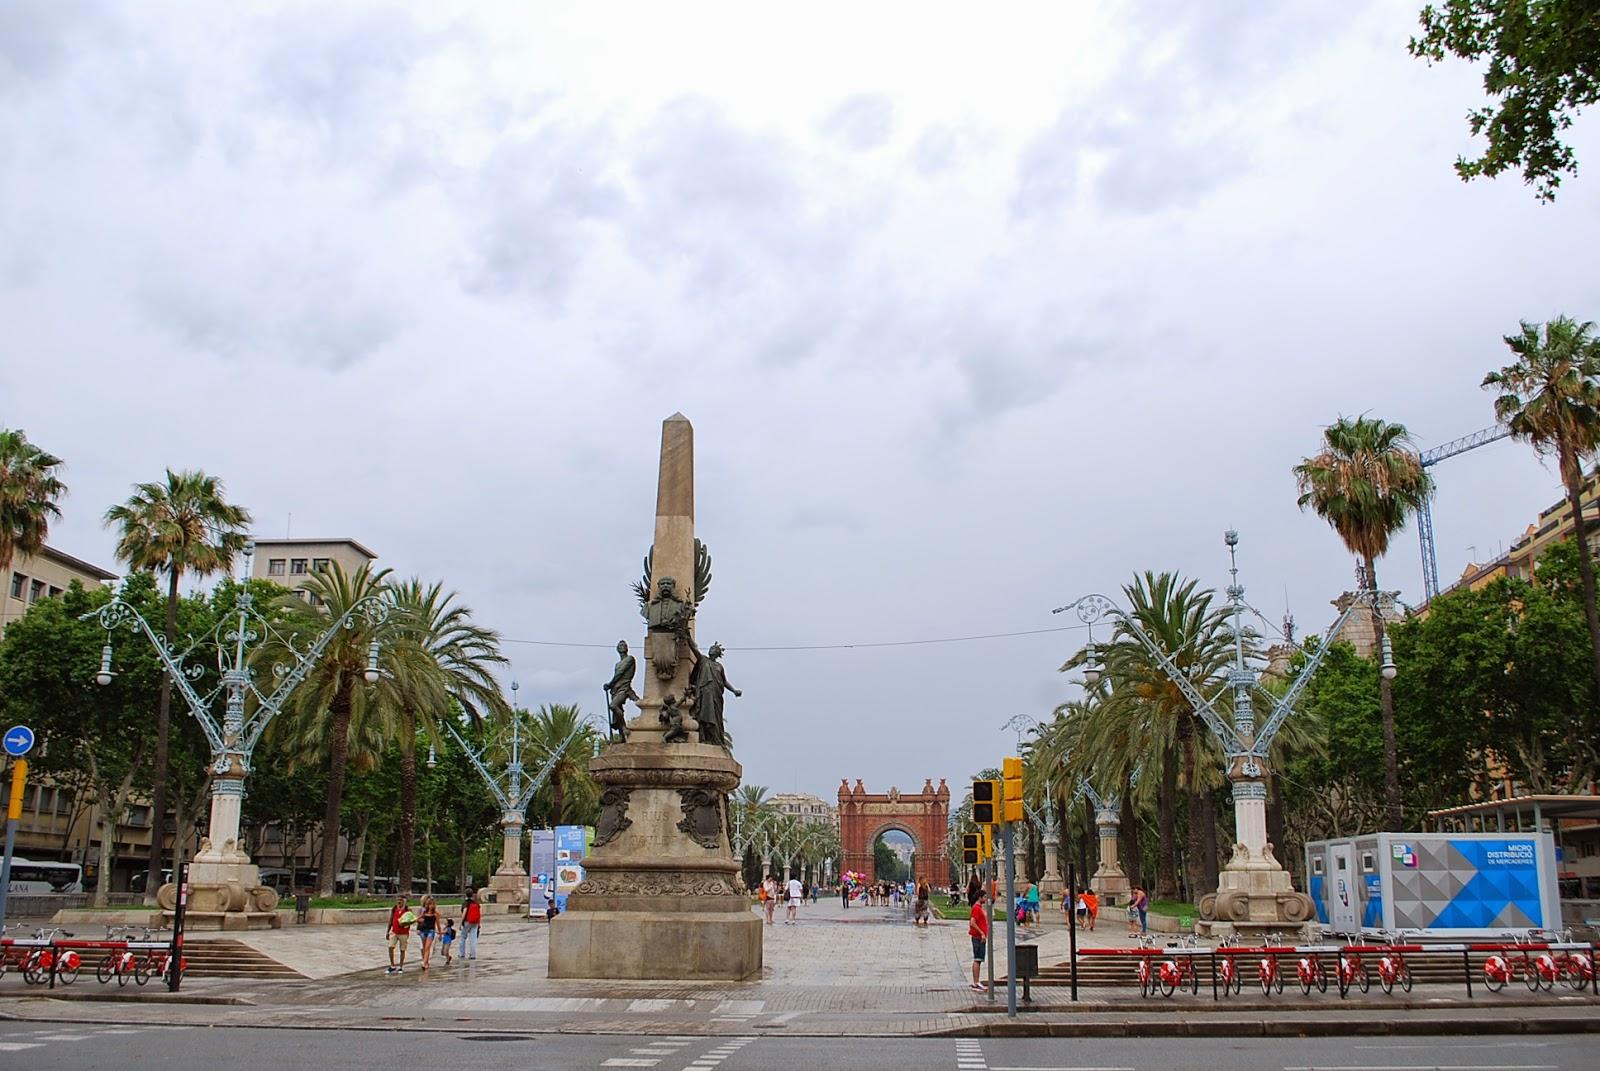 Аллея и триумфальная арка построенная ко Всемирной выставке 1888 г. У парадного входа в Парк Цитадели (Сьютаделья, Ciutadella), Барселона, Каталония, Испания. Parc de la Ciutadella, Barcelona, Catalonia, Spain